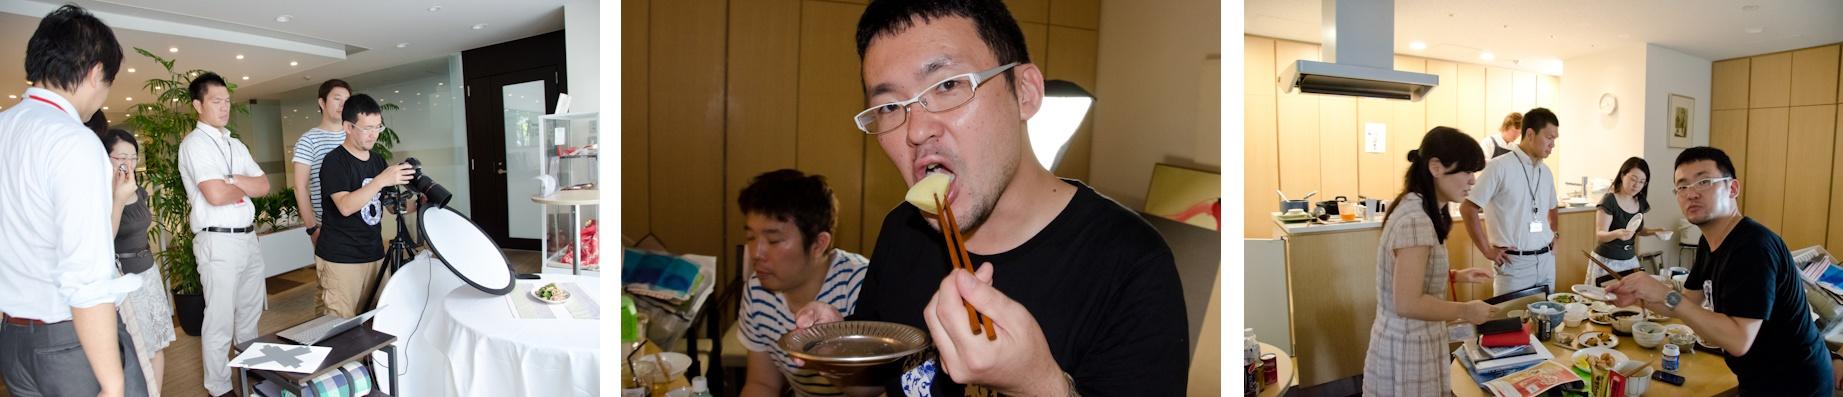 <b>味の素 「Cook Do 香味ペースト」の広告写真撮影の現場。味の素さんのキッチンスタジオへお邪魔した。電通コミュニケーションデザインセンターの関本みよさんのプランニング、アートディレクションはカイブツの木谷友亮さん。この日の美人モデルである、実際に食べても美味しい料理を作っているのは味の素コミュニケーションズの小田明宏さん。この商品は現在は東海・北陸地方で昨年から先行発売中なのだが、近日中に全国発売の予定らしい。</b>